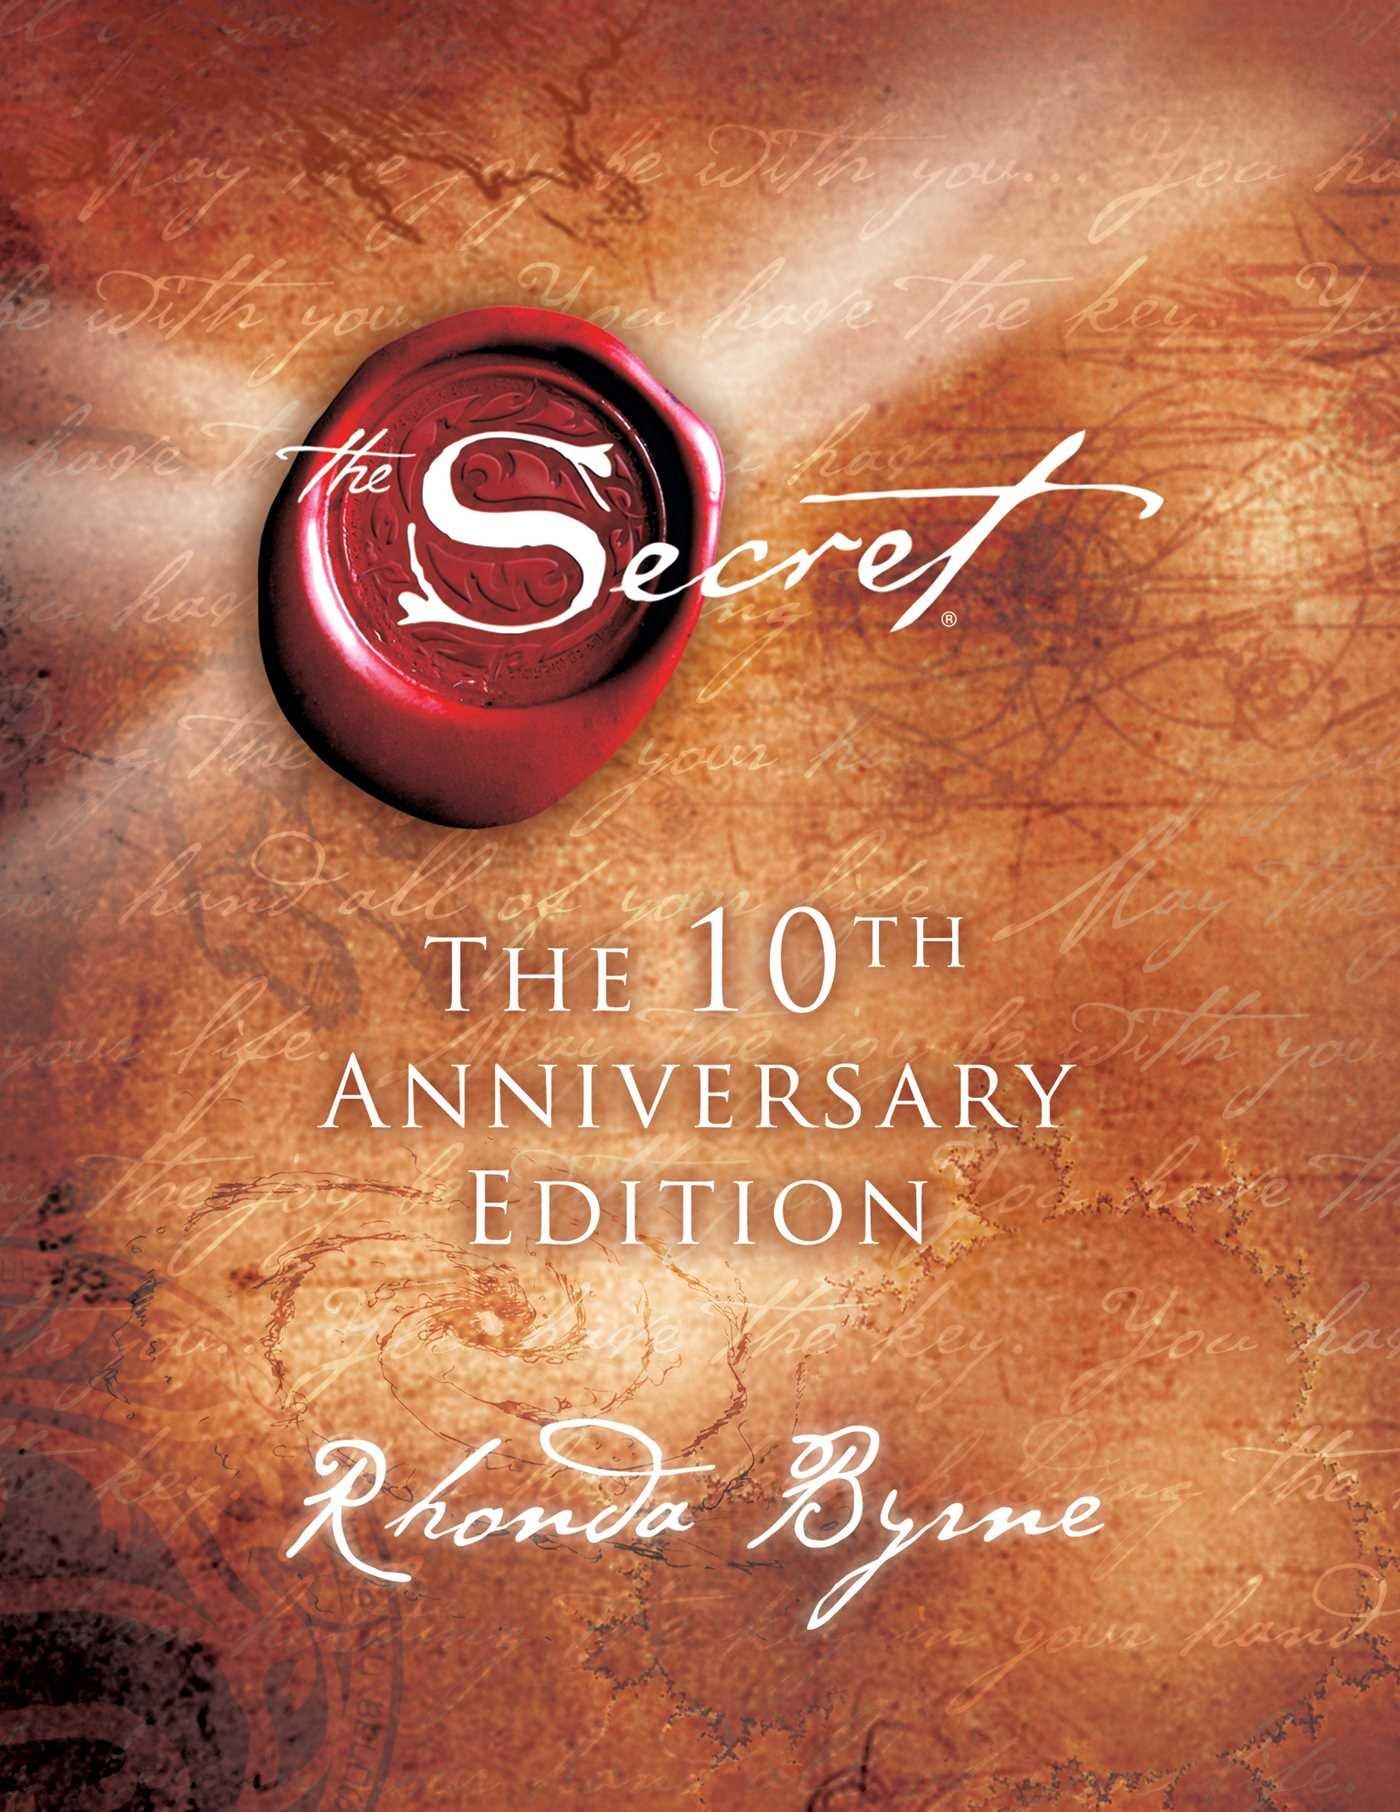 Книга последний секрет скачать